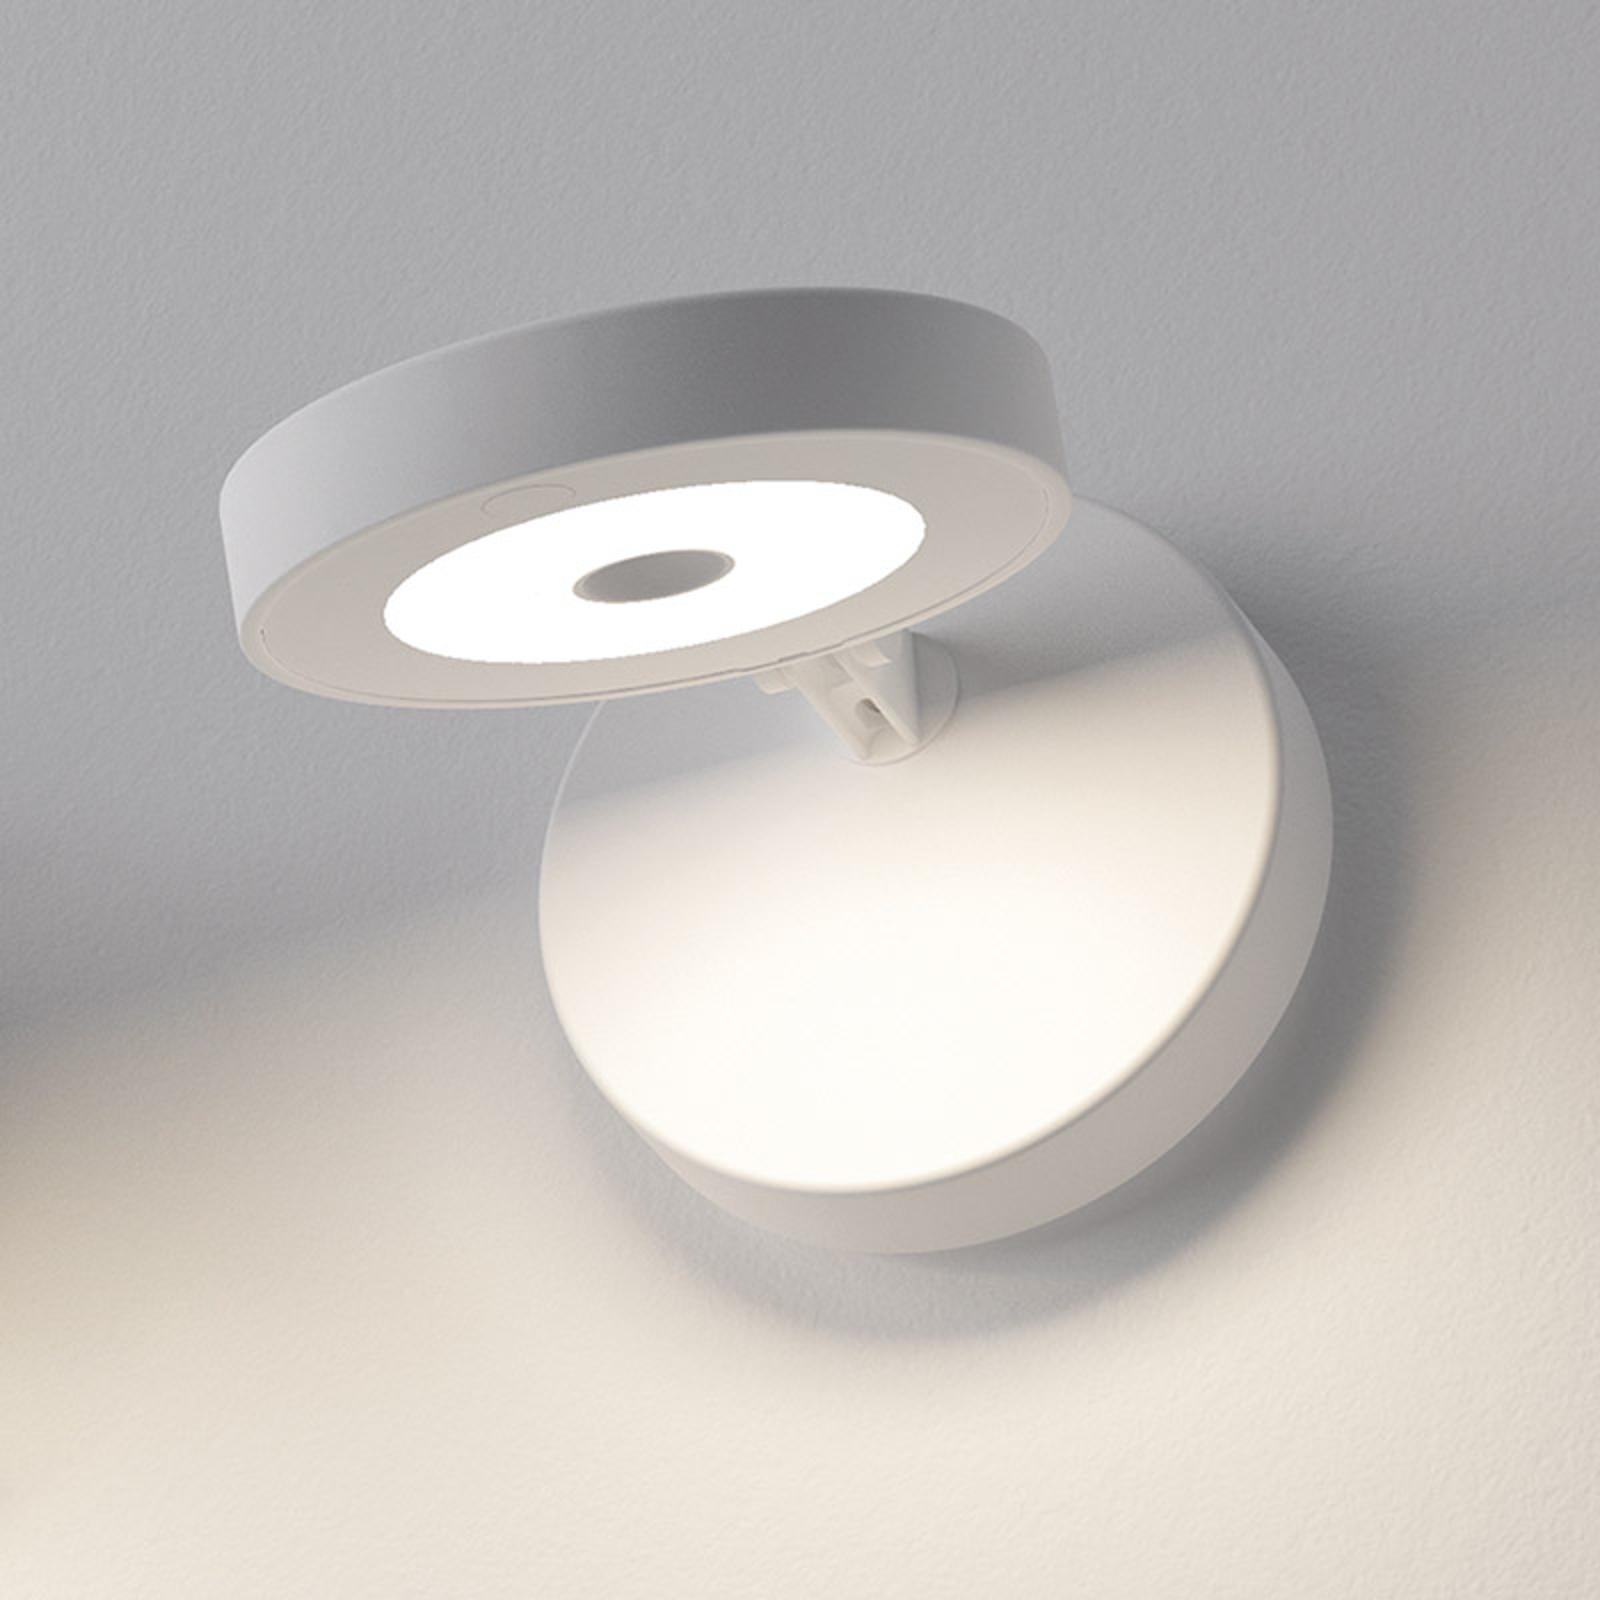 Rotaliana String H0 LED-Wandleuchte weiß